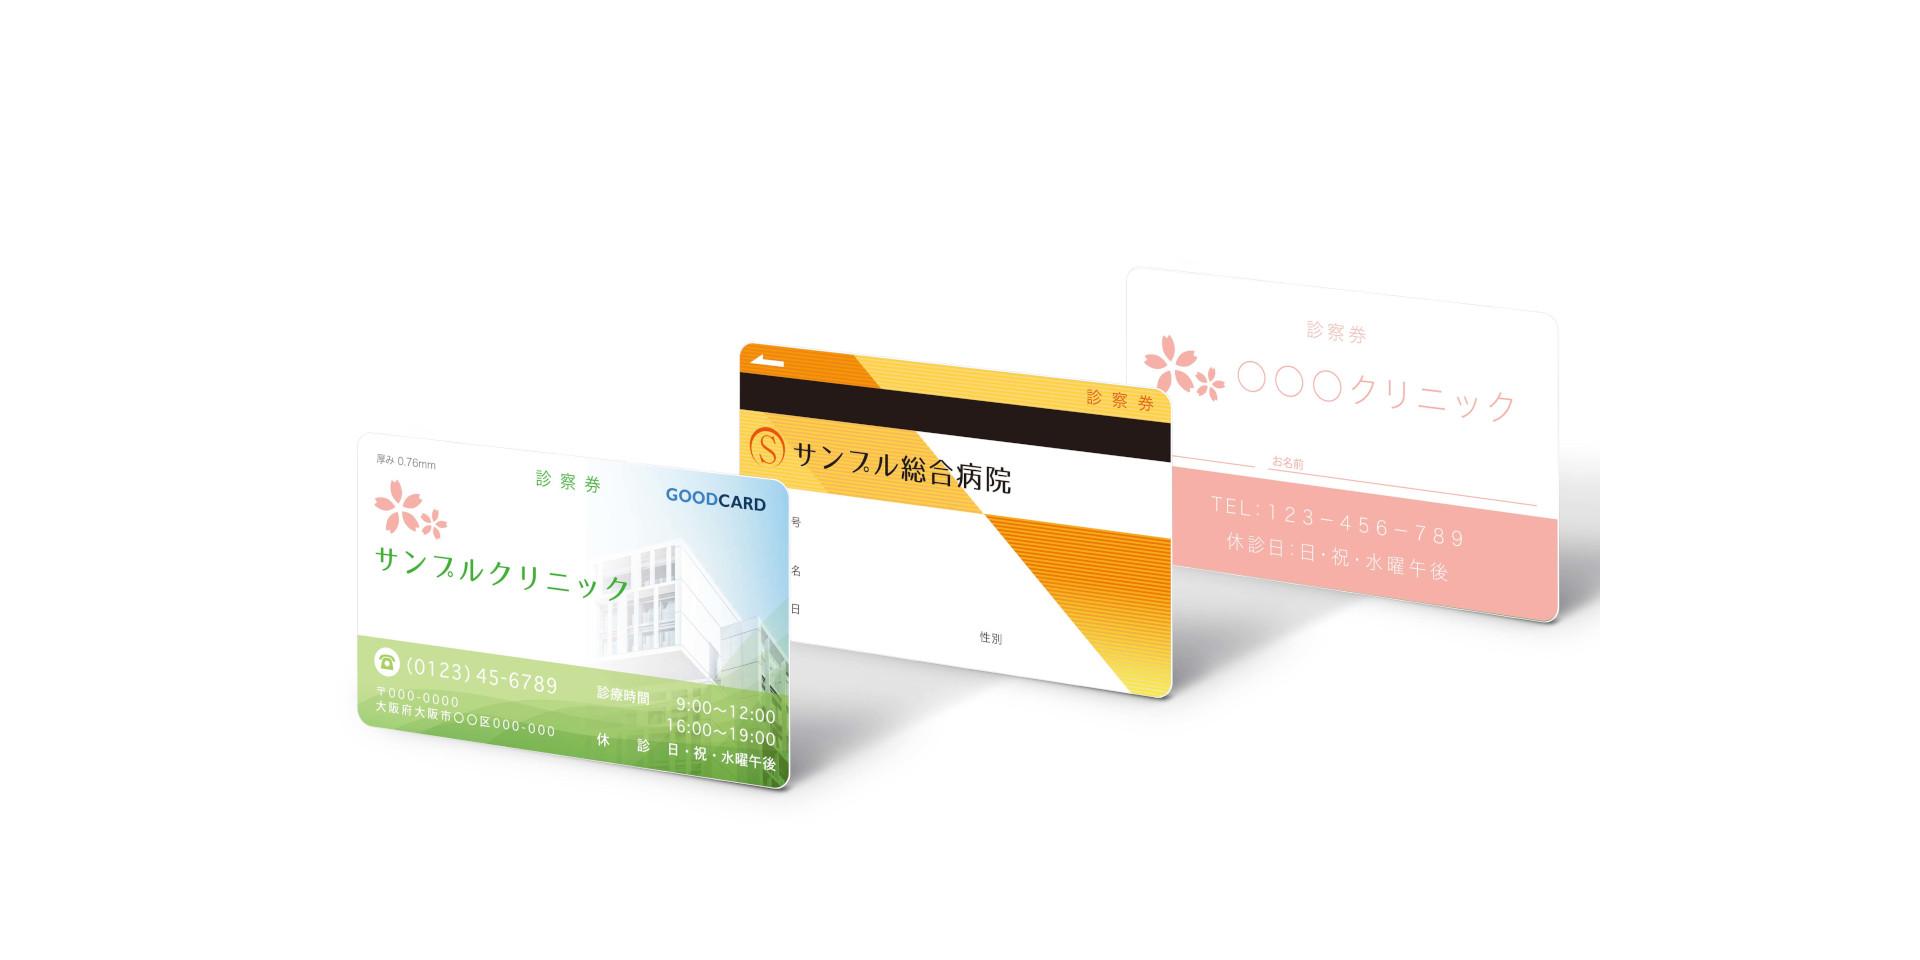 一般プラスチックカード診察券